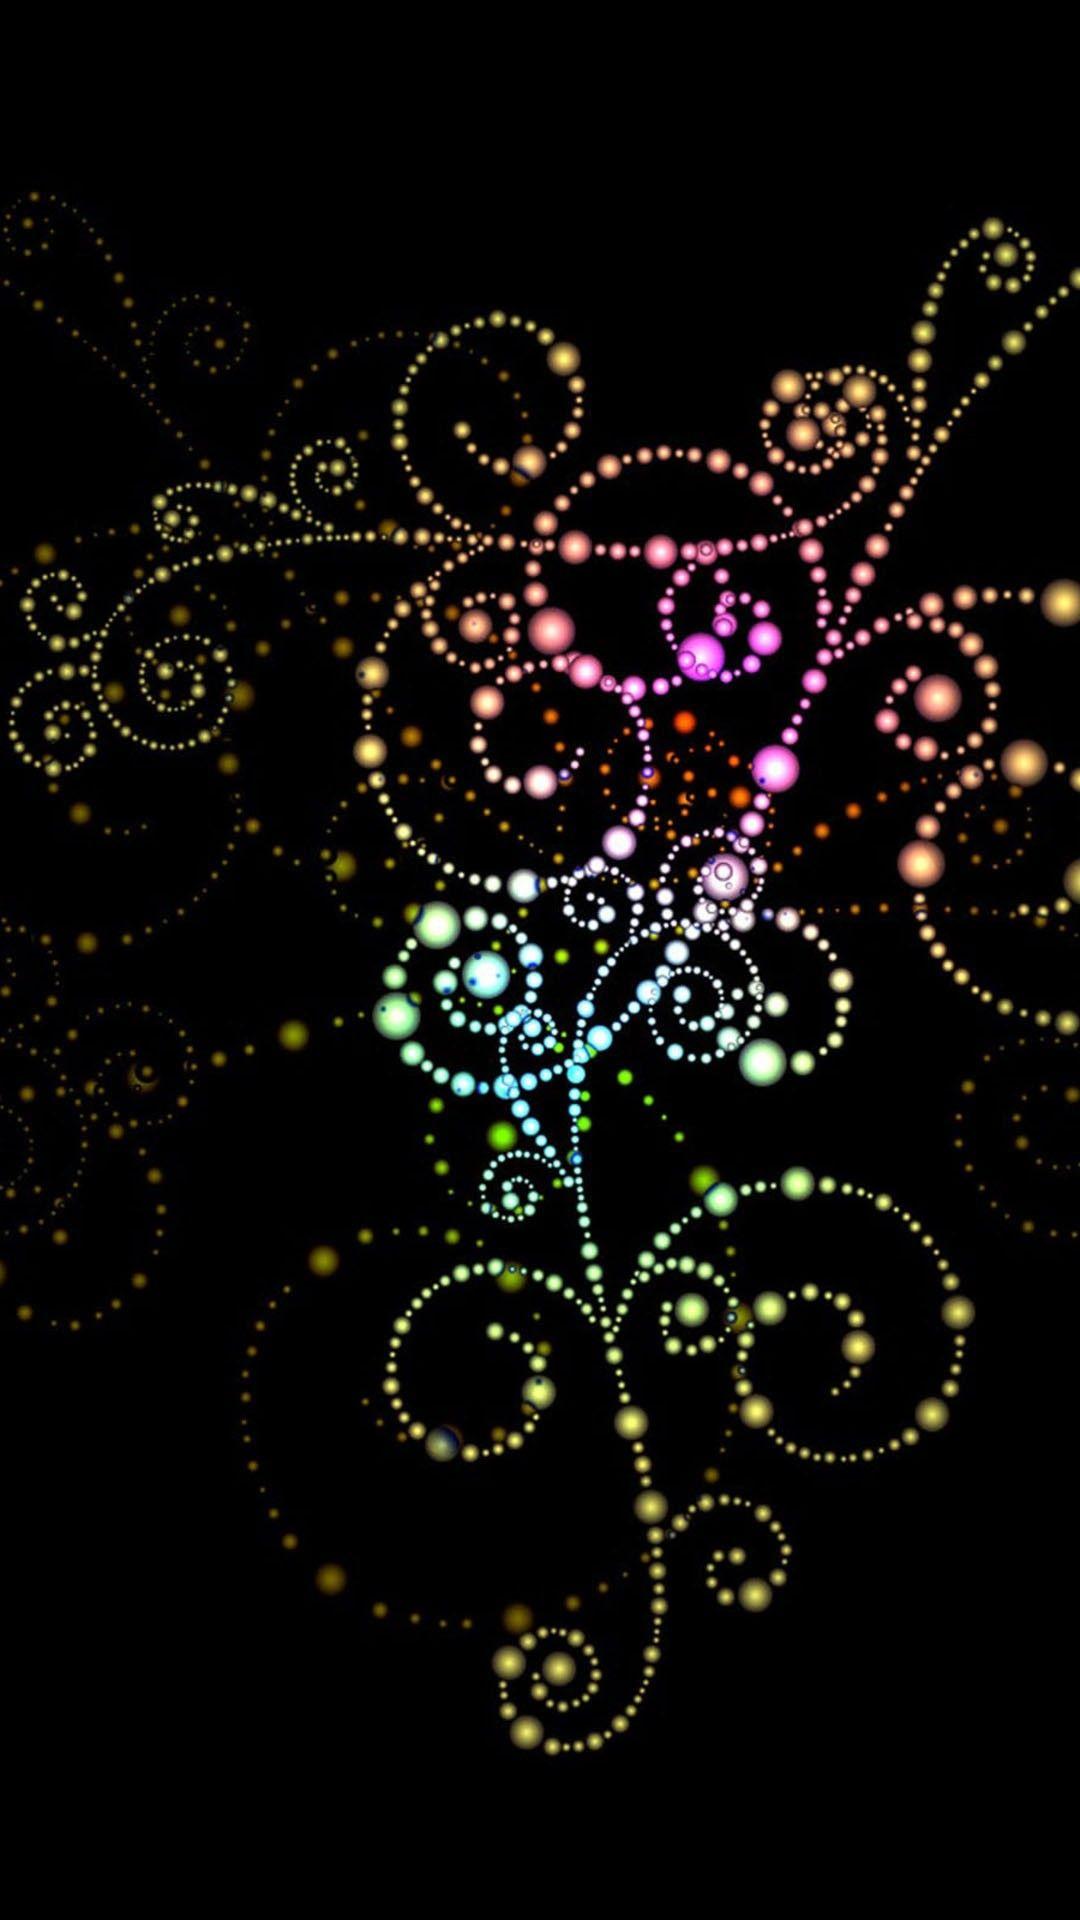 宝石みたいなキラキラiphone壁紙 Iphone Wallpaper Glitter